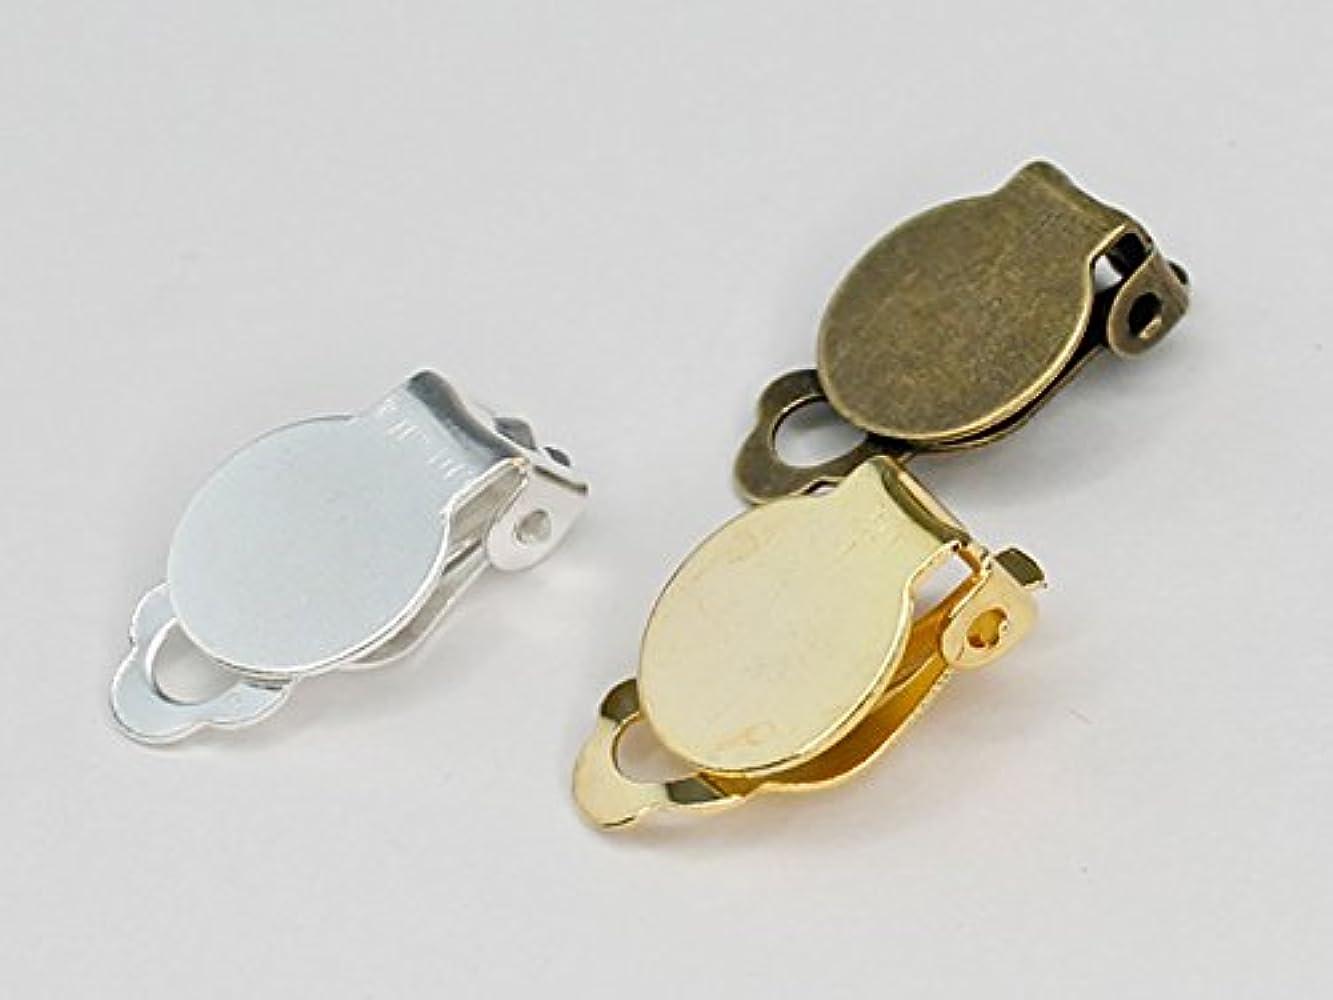 簡潔なタクシーコミットメント[デコ素材]小さいクリップ(シューズクリップにも) 3カラー 1個 デコ土台/デコ/スワロフスキー ゴールド